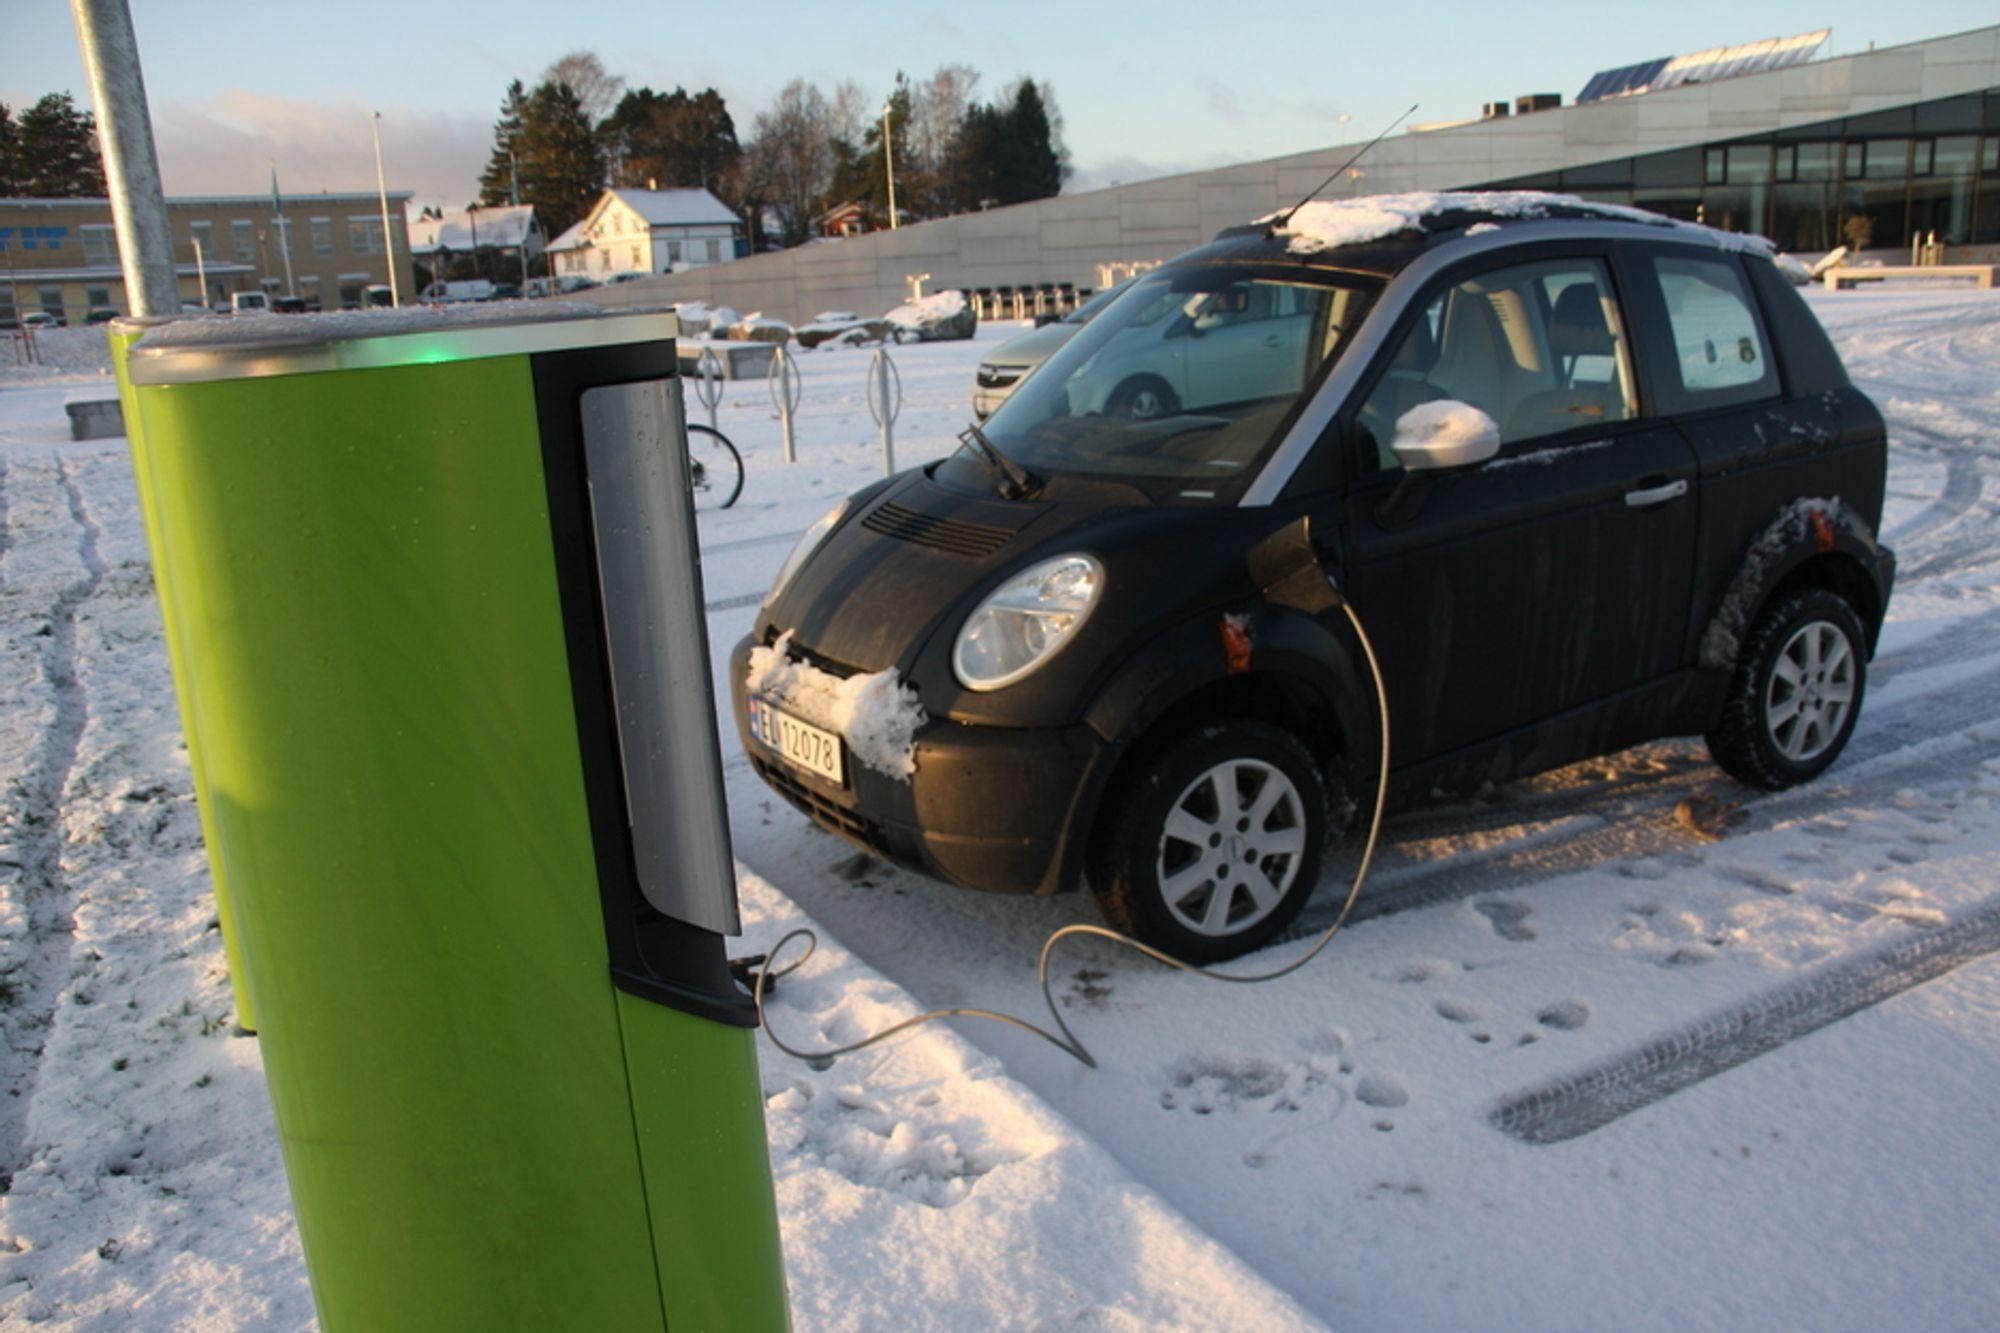 VIL IKKE GI FRITAK: Generalsekretær i Norsk Petroleumsinstitutt, Inger-Lise M. Nøstvik, mener drivstoffavgiftene må bort og at elbilene slipper for lett unna - I stedet bør vi få elektronisk veiprising der bilistene står overfor de reelle marginale kostnadene, sier hun.